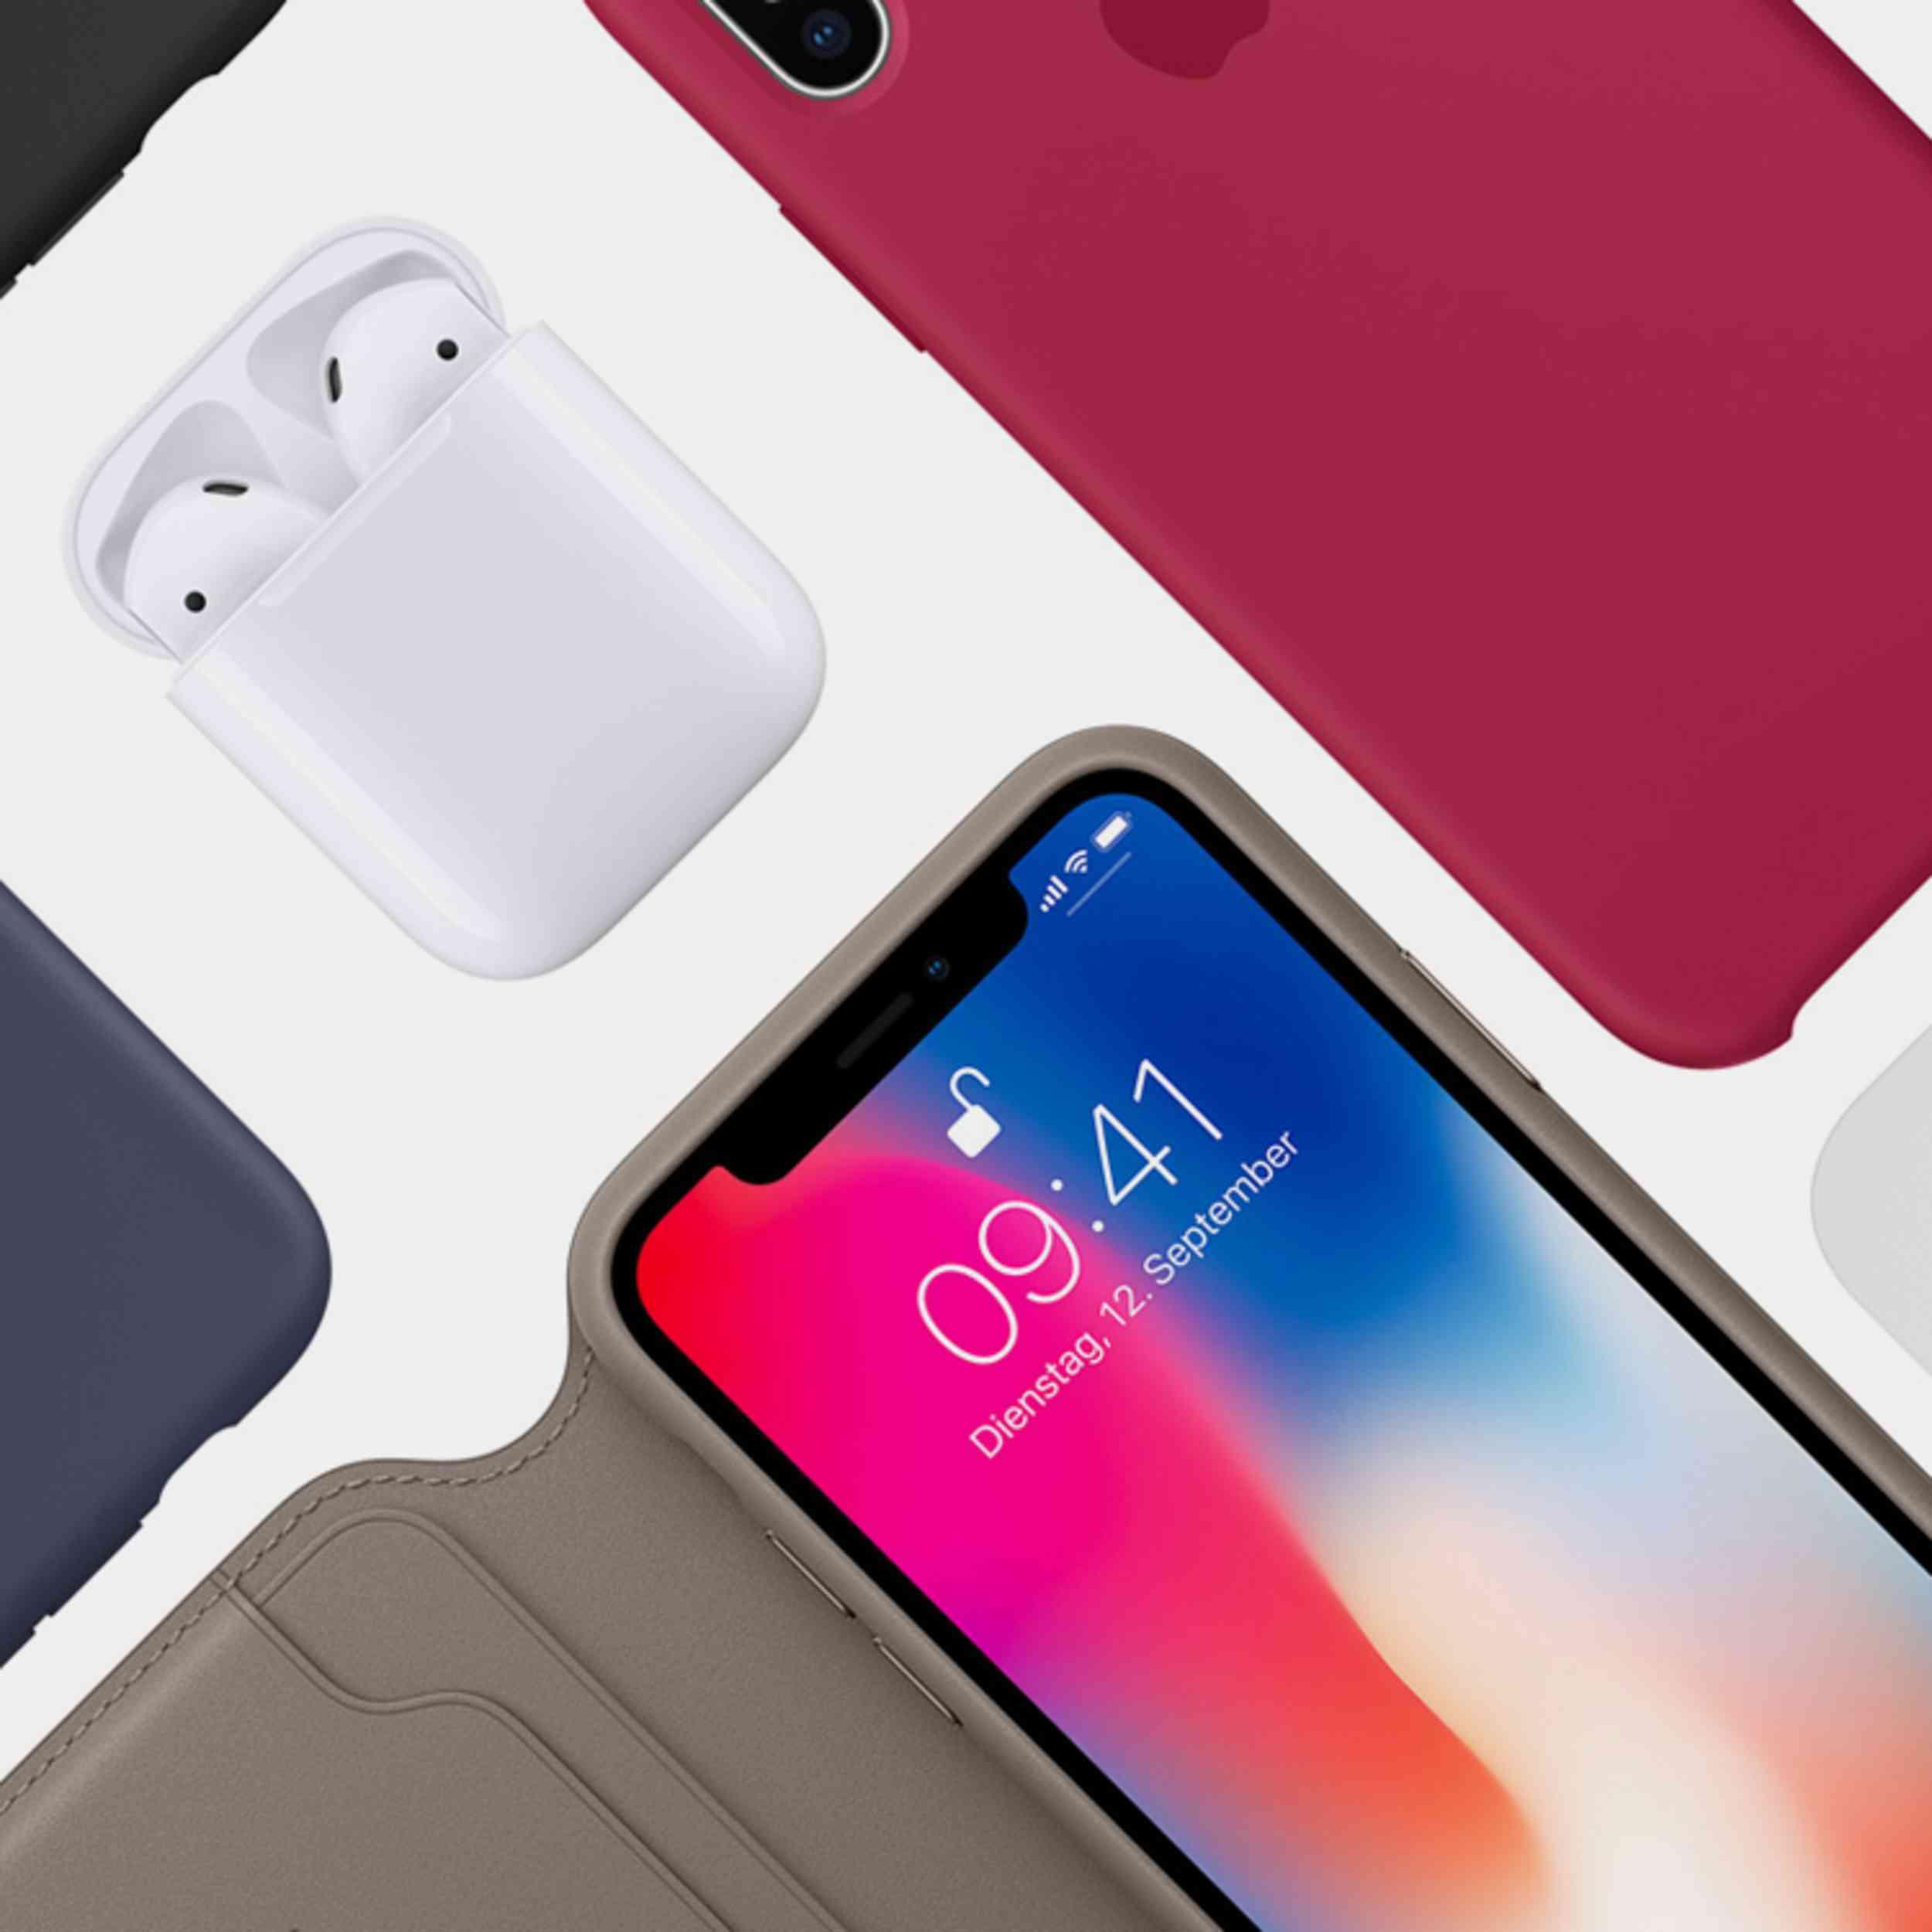 WIRED erklärt den Erfolg des iPhones   WIRED Germany